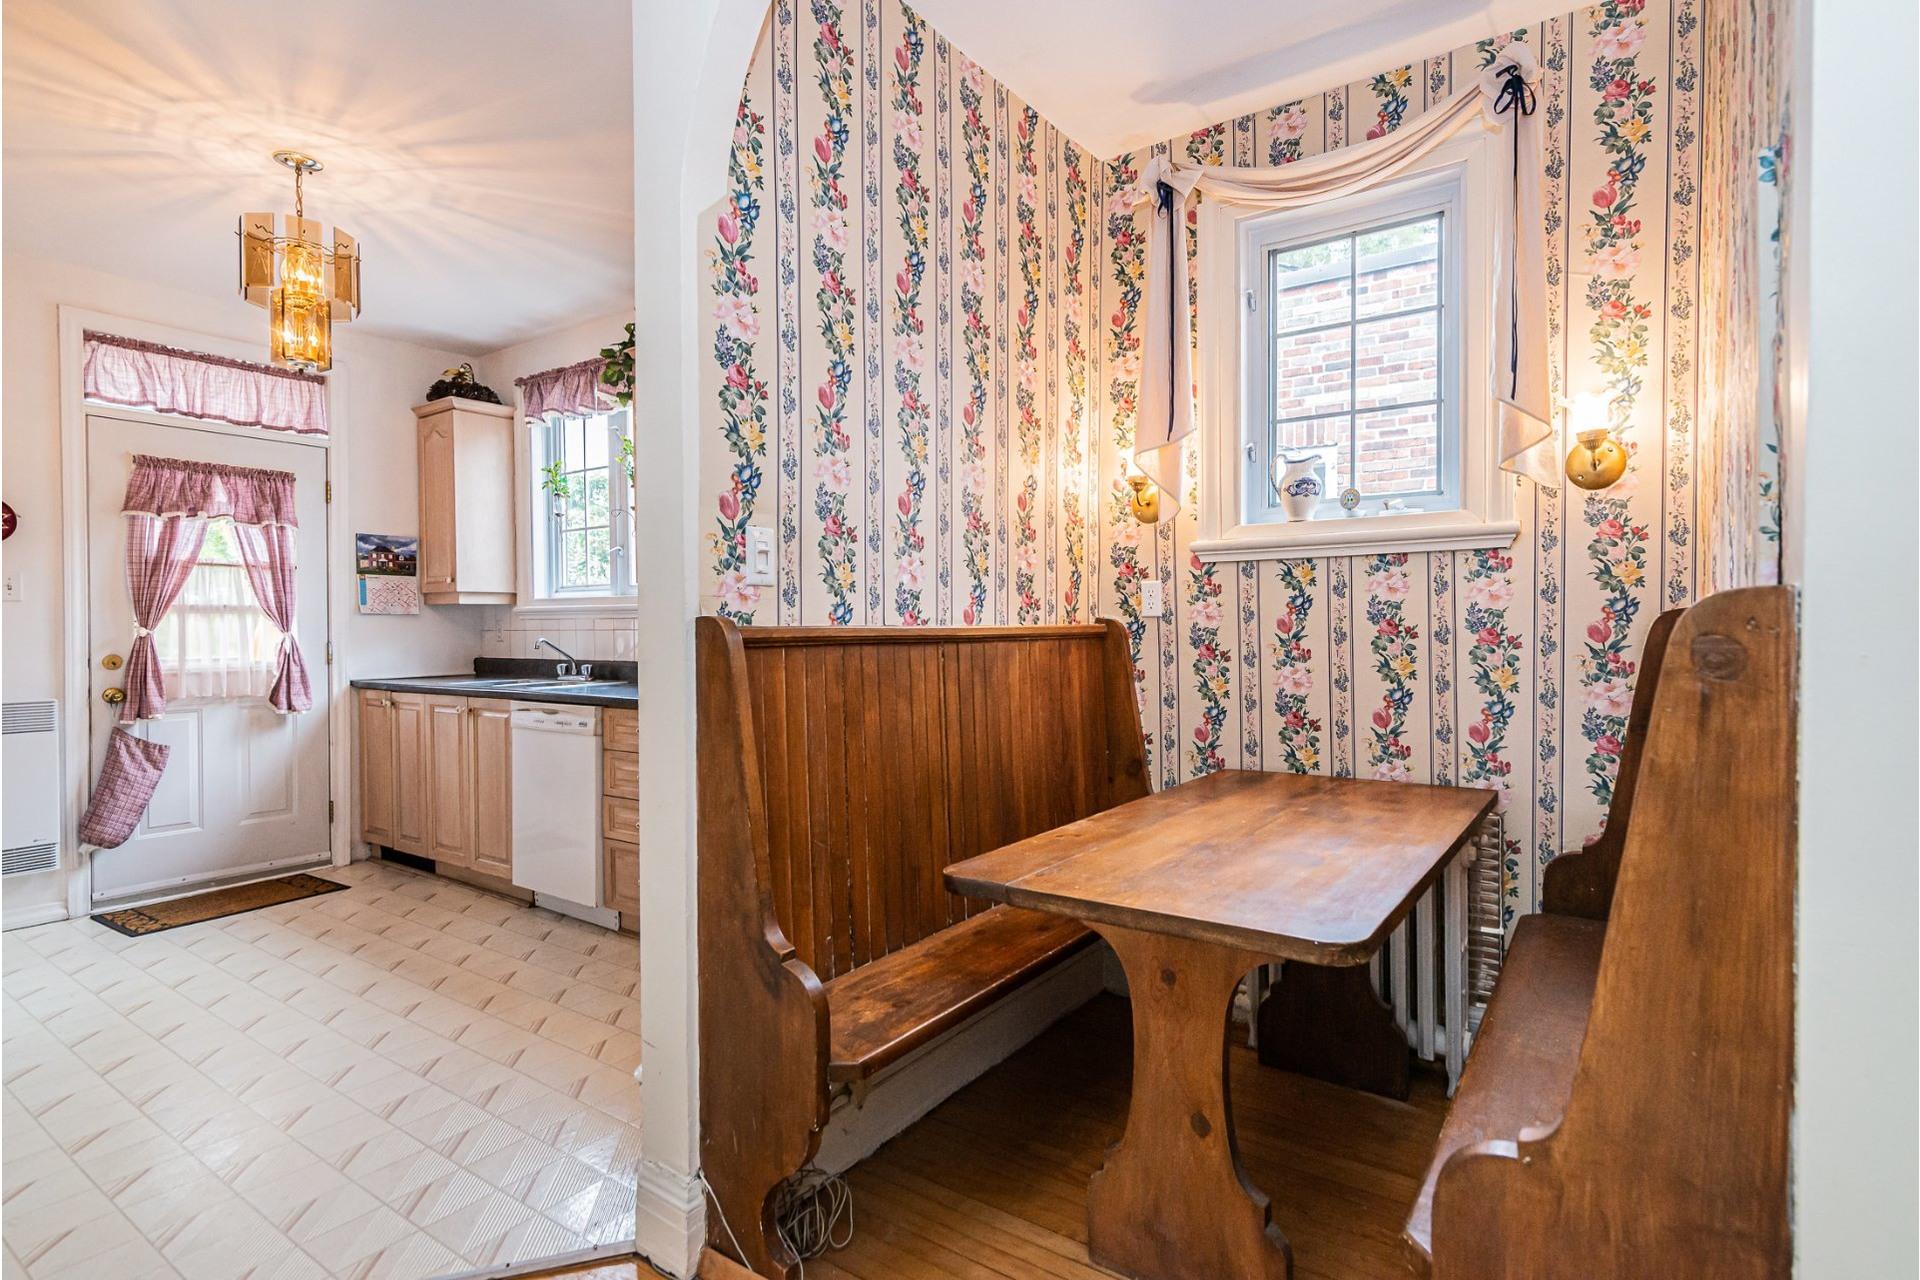 image 17 - Appartement À vendre Côte-des-Neiges/Notre-Dame-de-Grâce Montréal  - 7 pièces